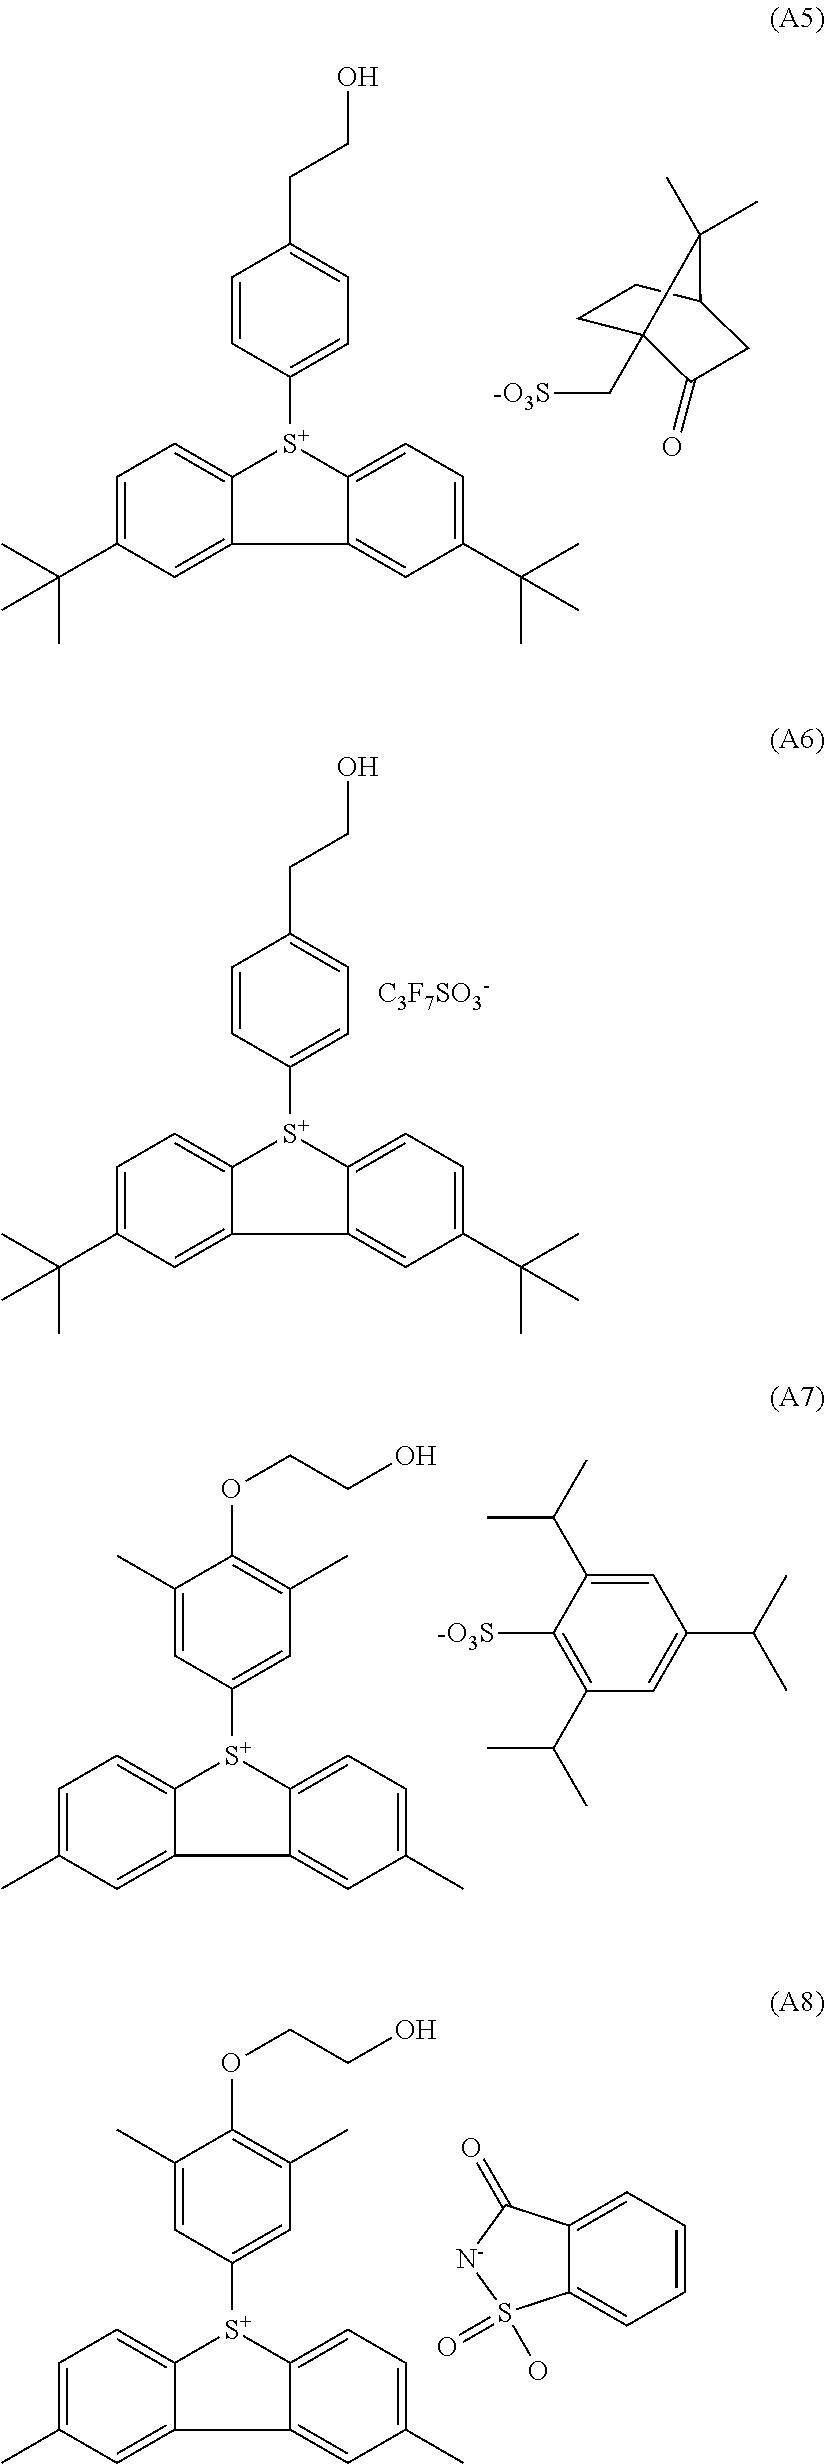 Figure US20110183258A1-20110728-C00022